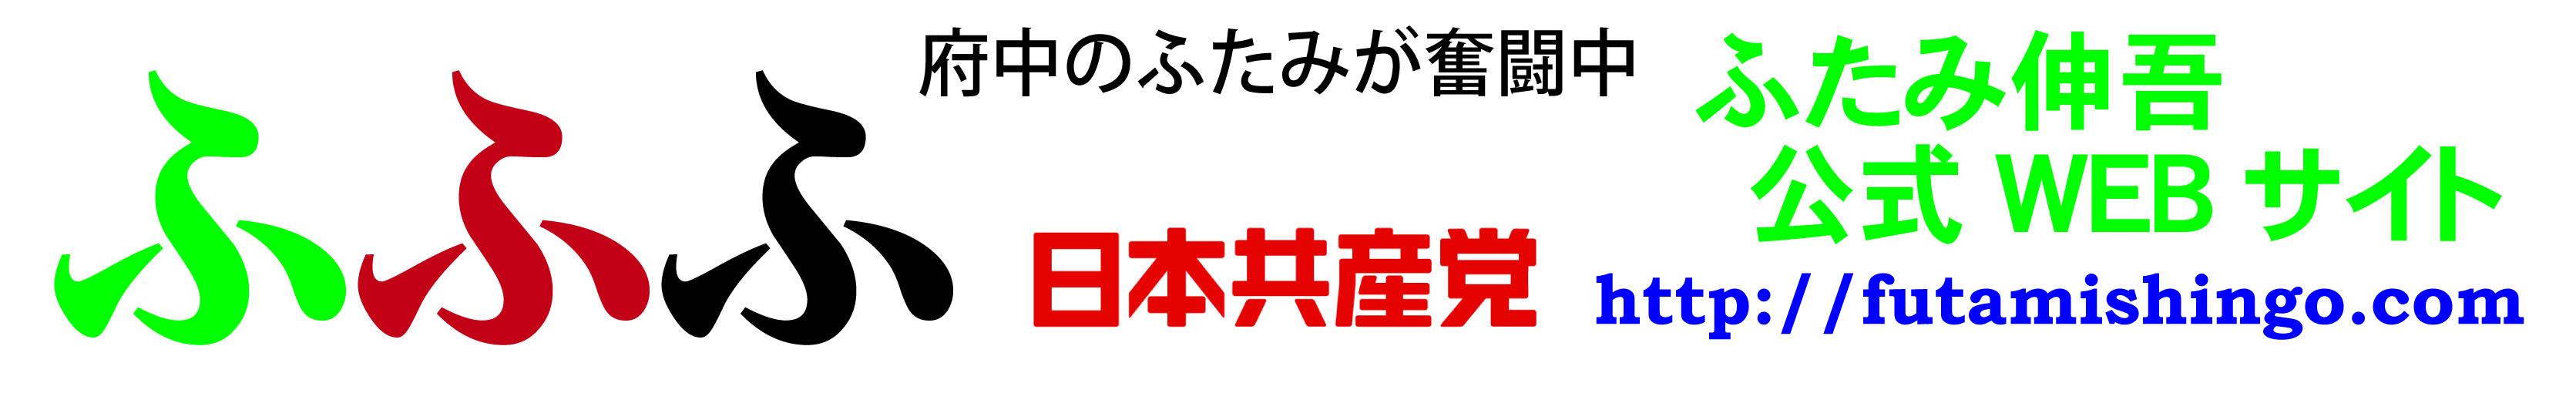 ふたみ伸吾公式WEBサイト